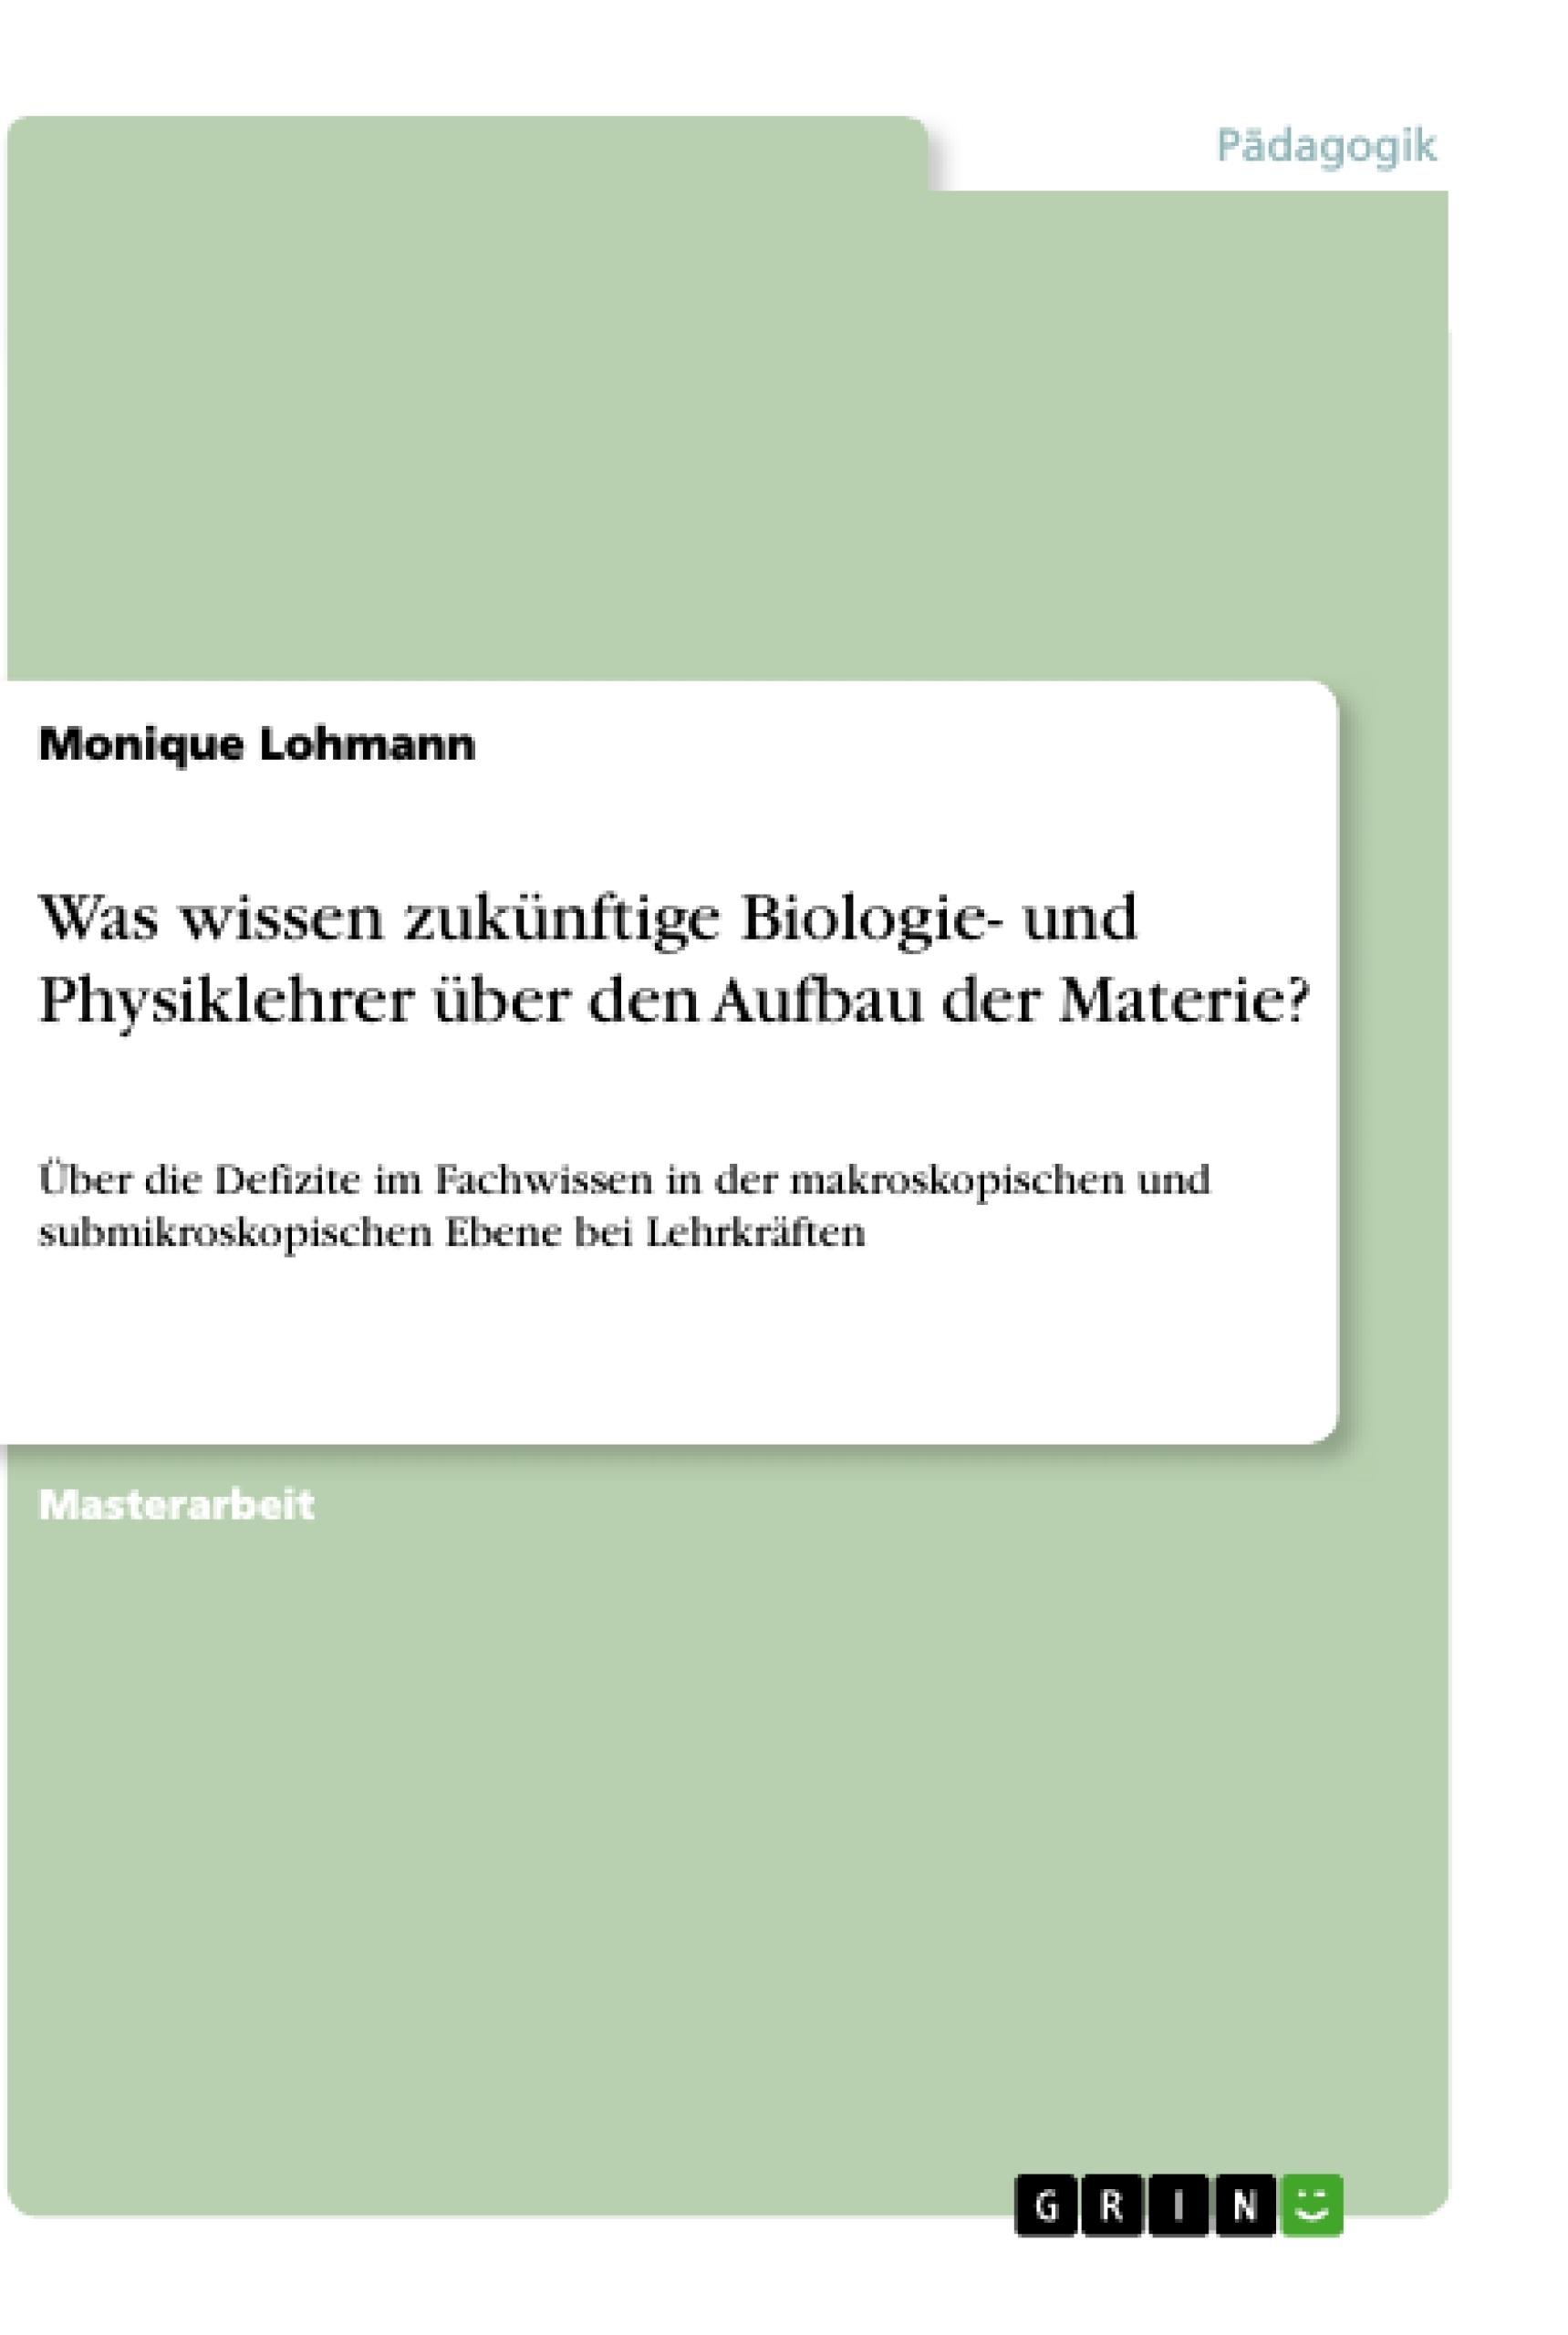 Titel: Was wissen zukünftige Biologie- und Physiklehrer über den Aufbau der Materie?